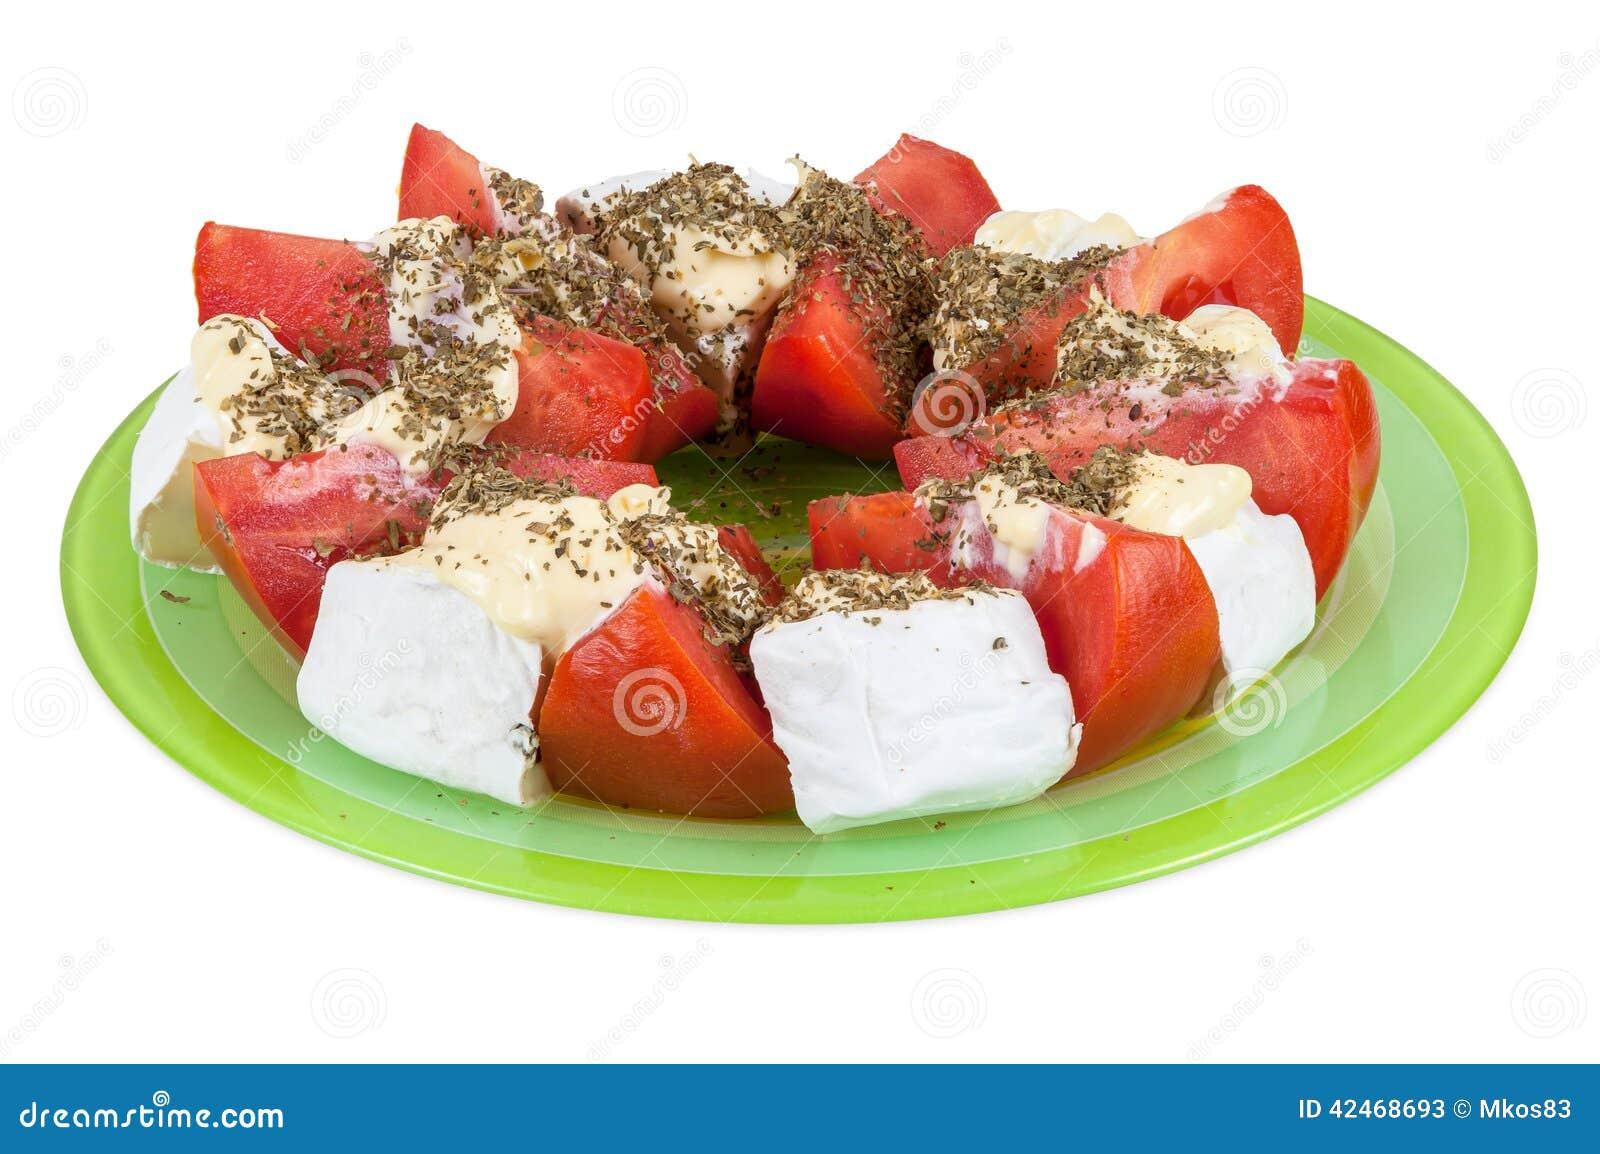 Salat mit Tomaten und Blauschimmelkäse